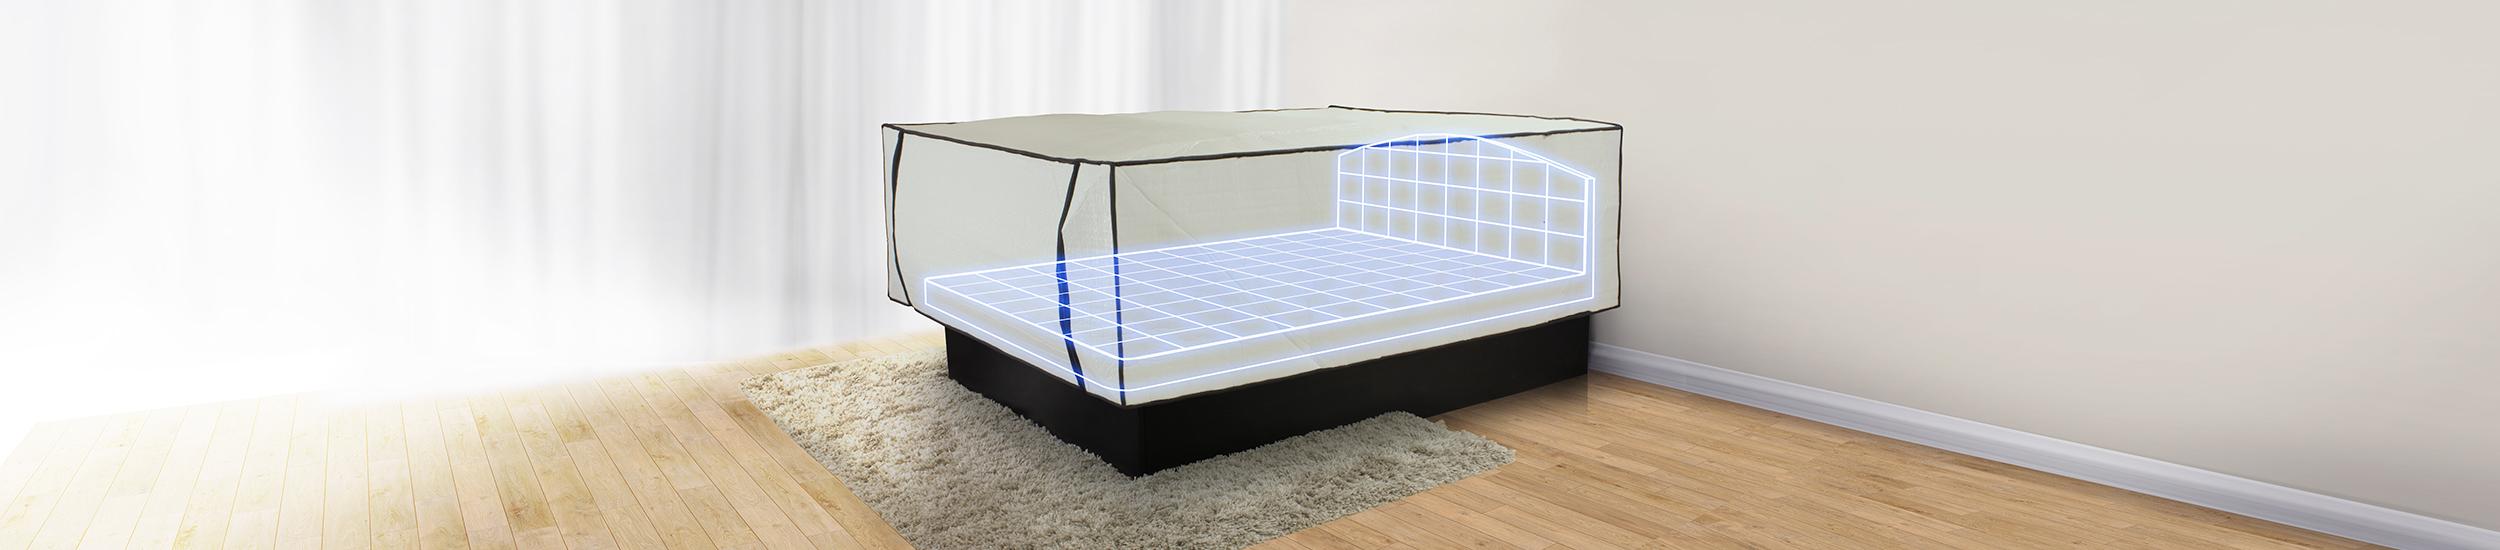 goodknight-bed-frame-technology.jpg